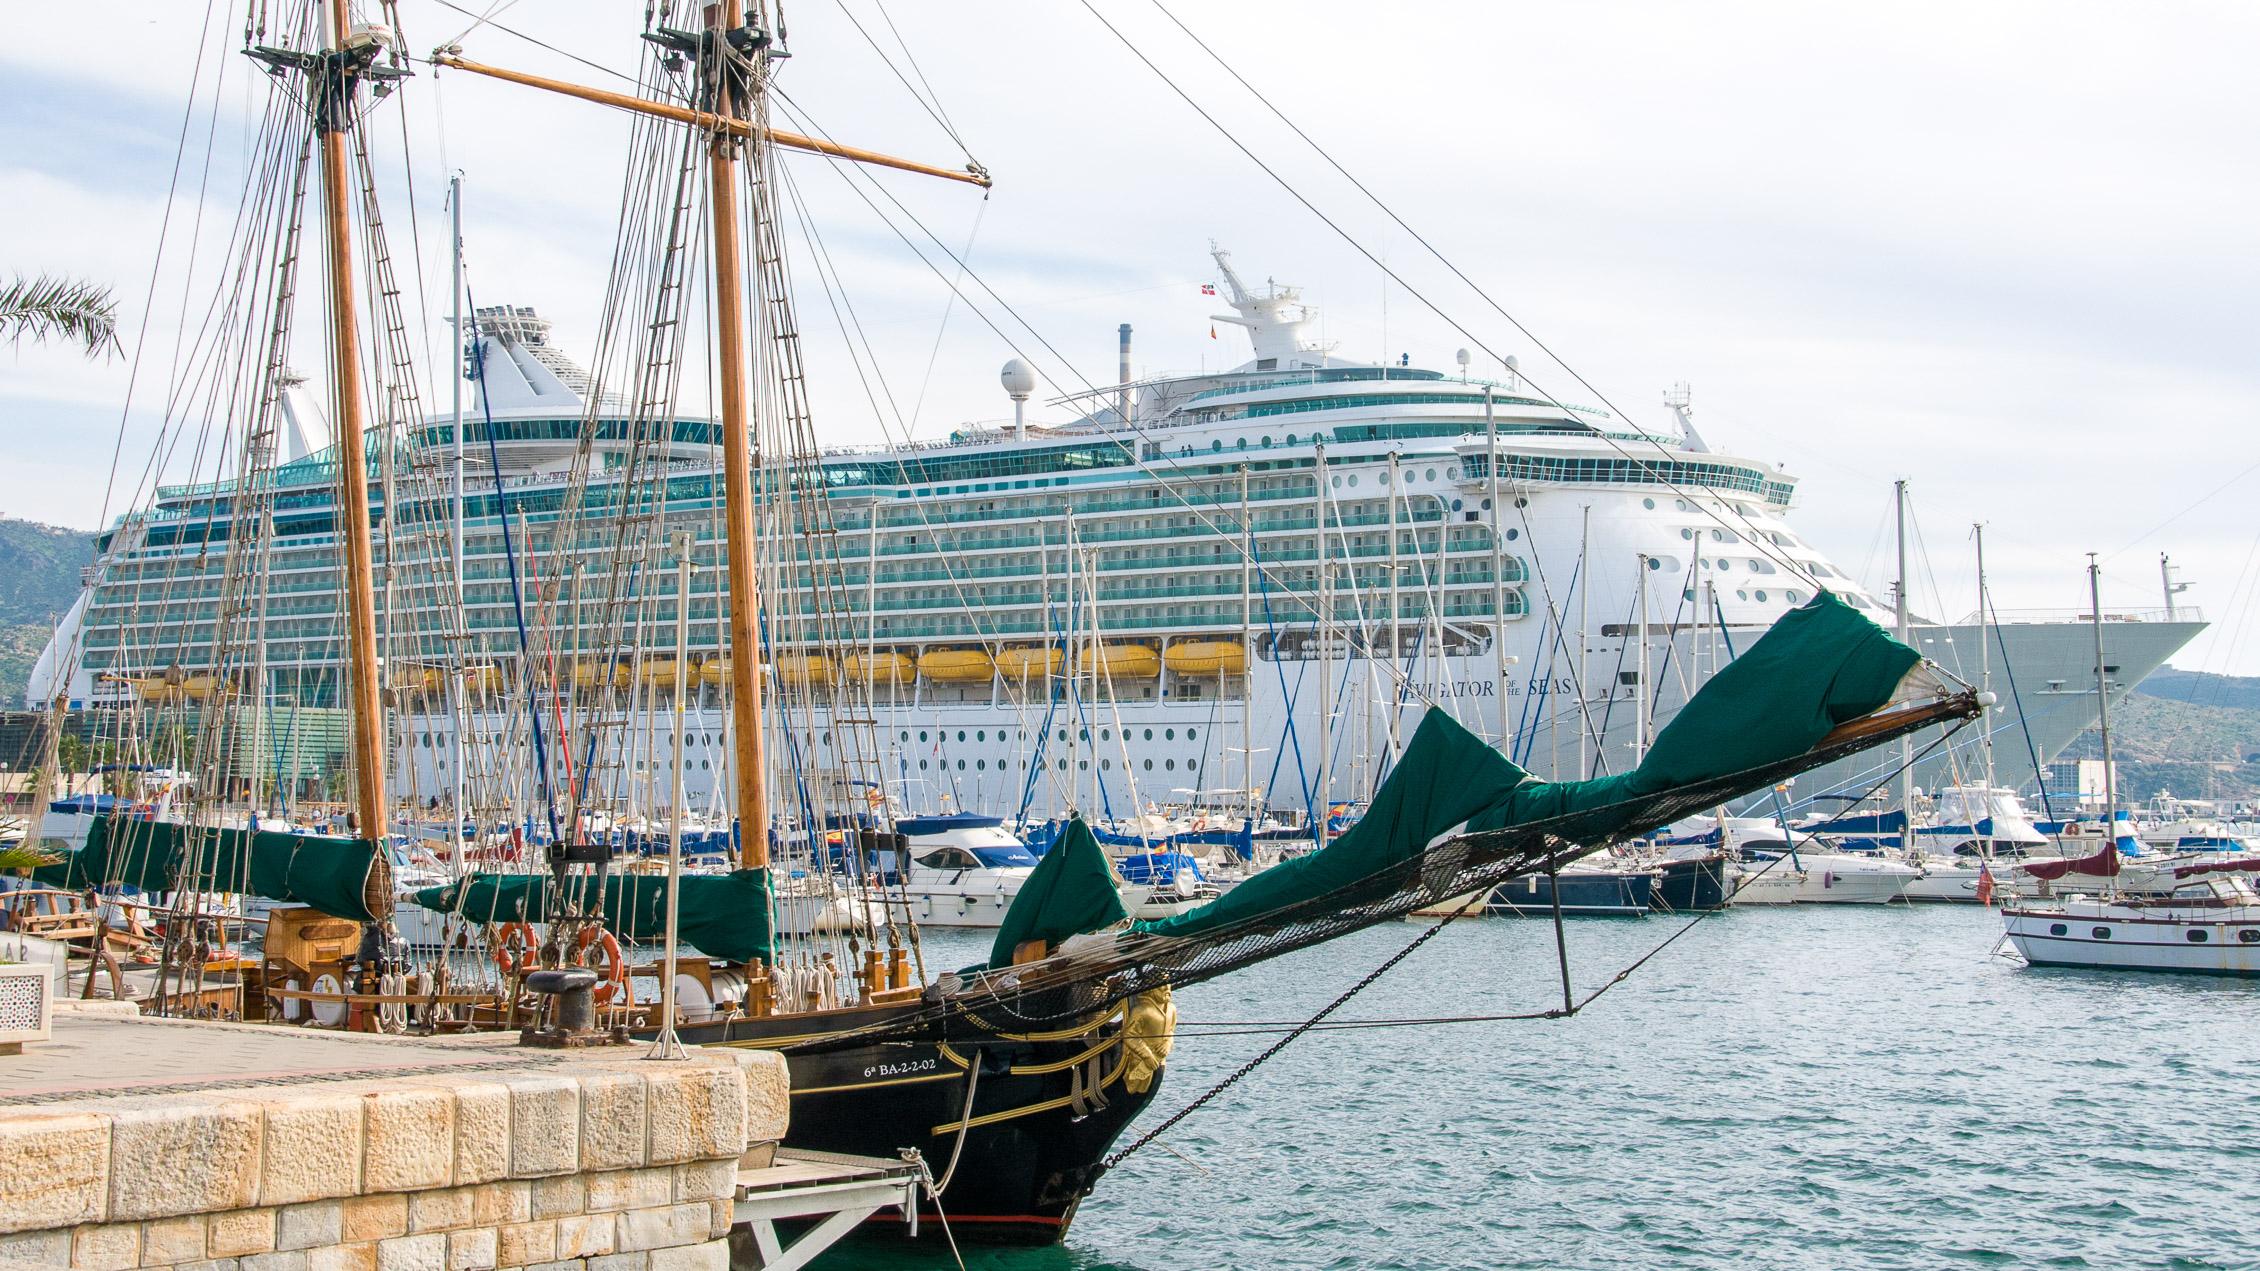 Kreuzfahrt Navigator of the Seas Cartagena